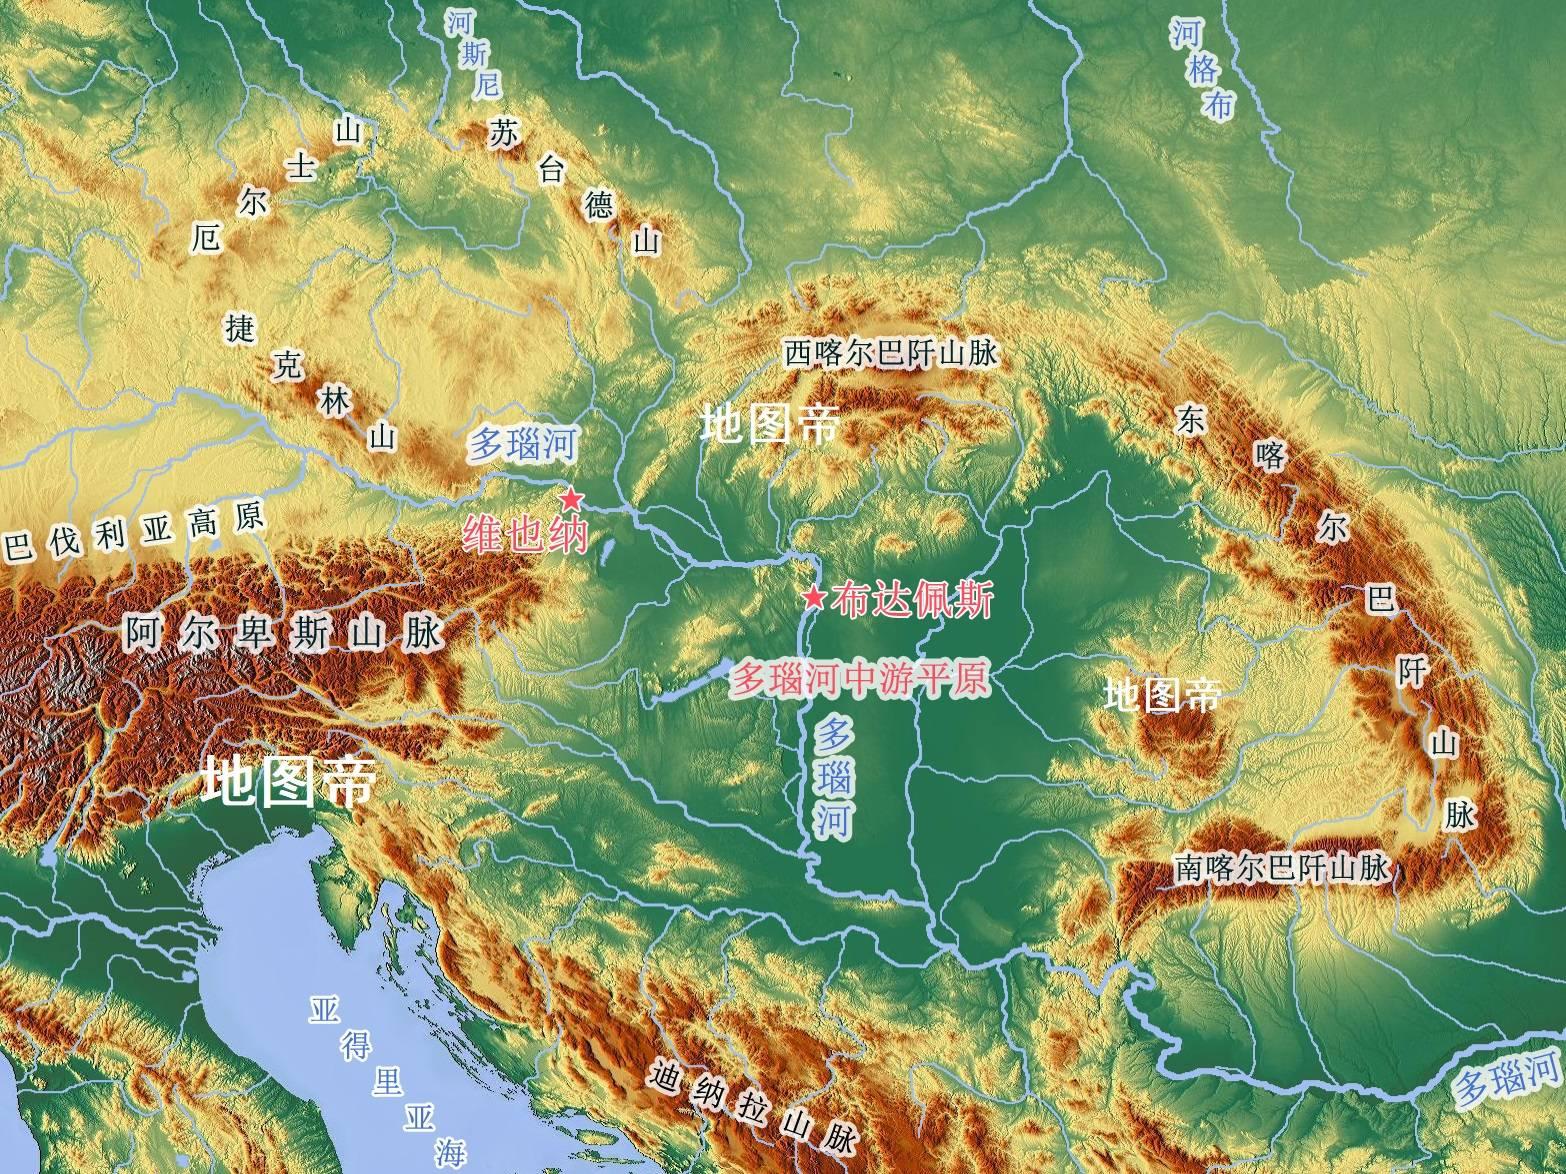 奥匈帝国为何存在51年就消亡了?